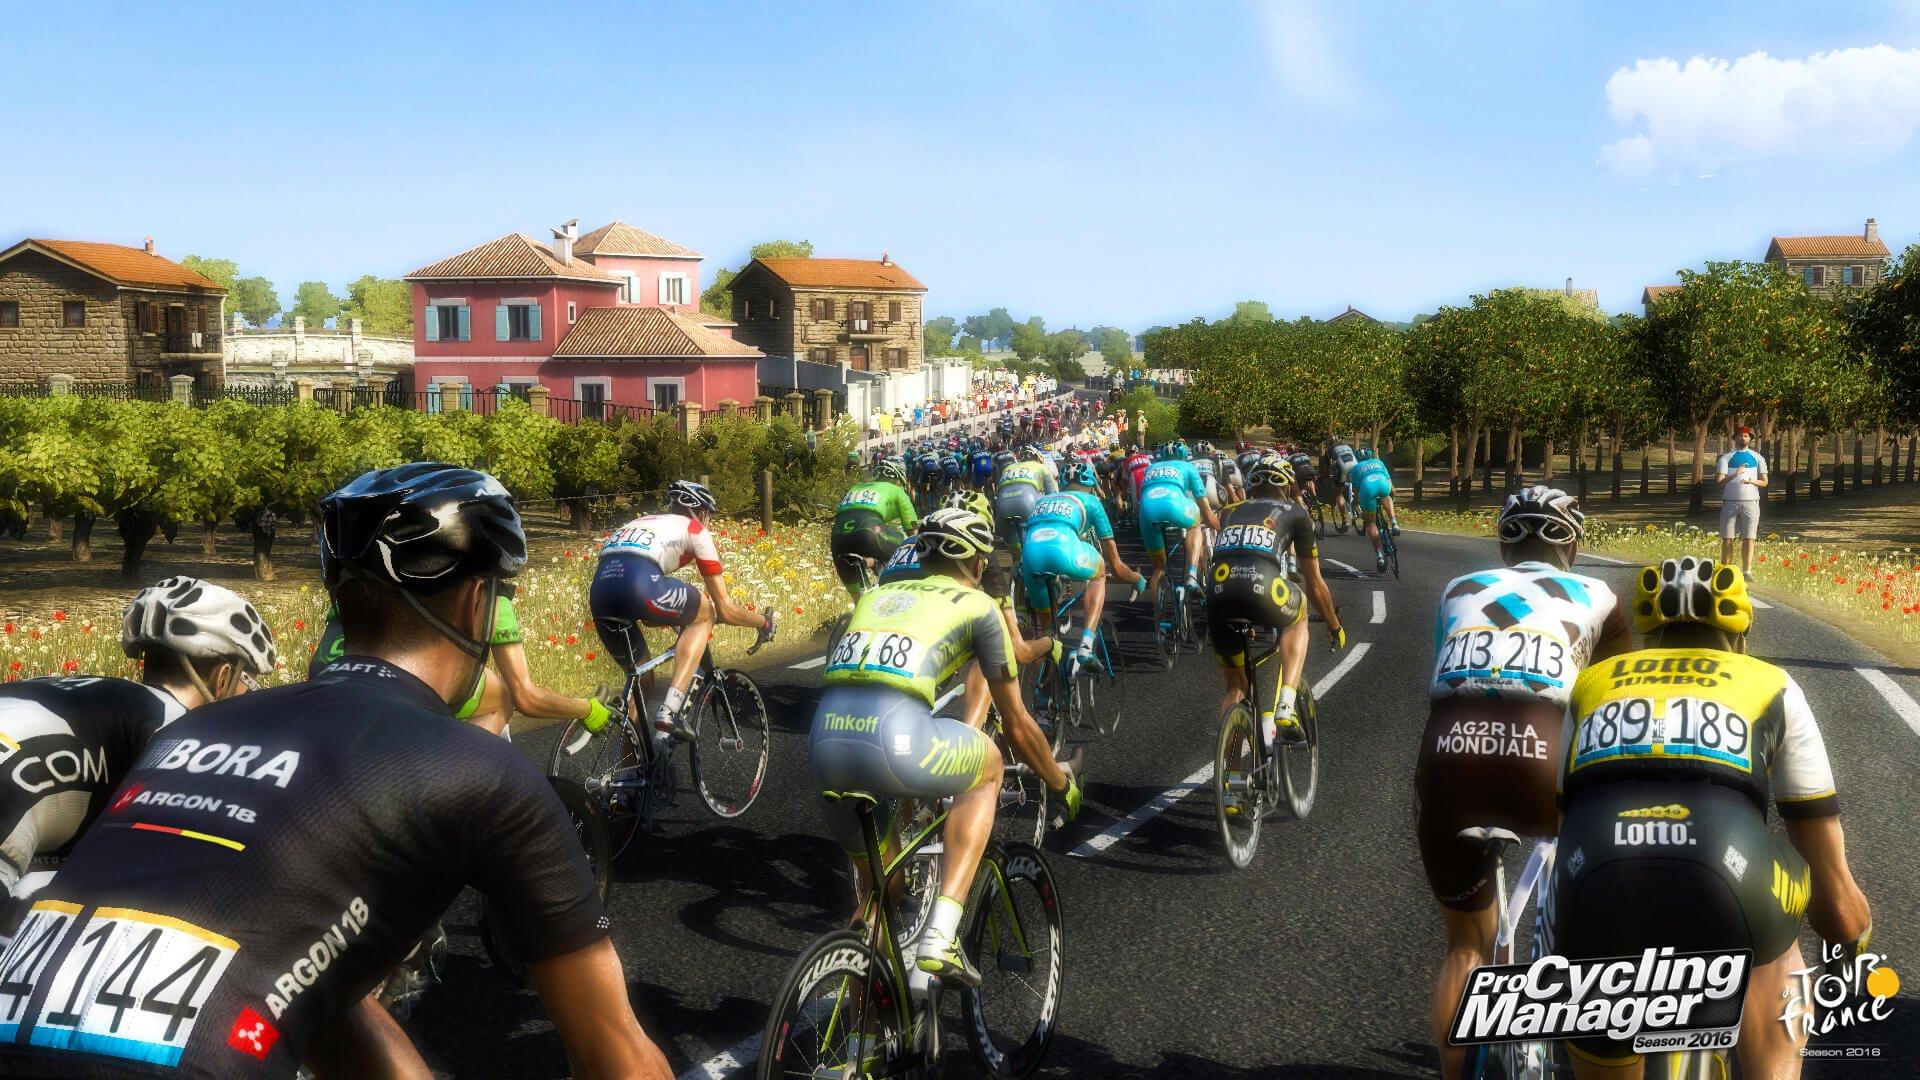 Pro Cycling Manager / Tour De France 2016